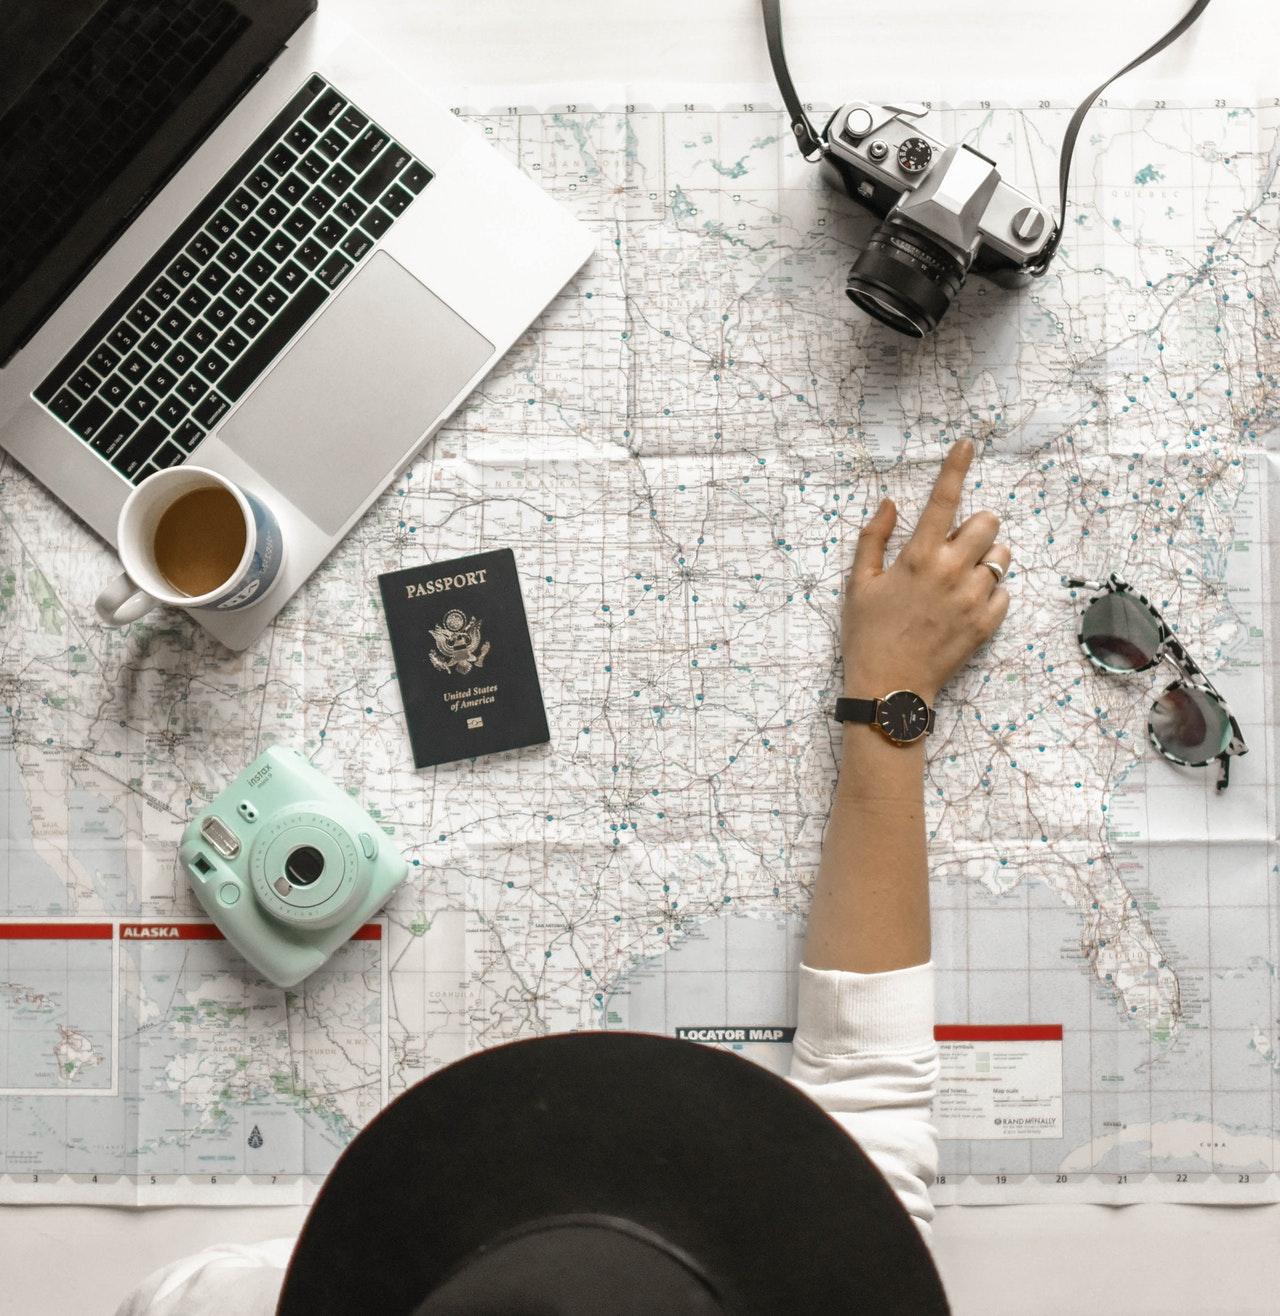 Travel-pexels-element-digital-1051075